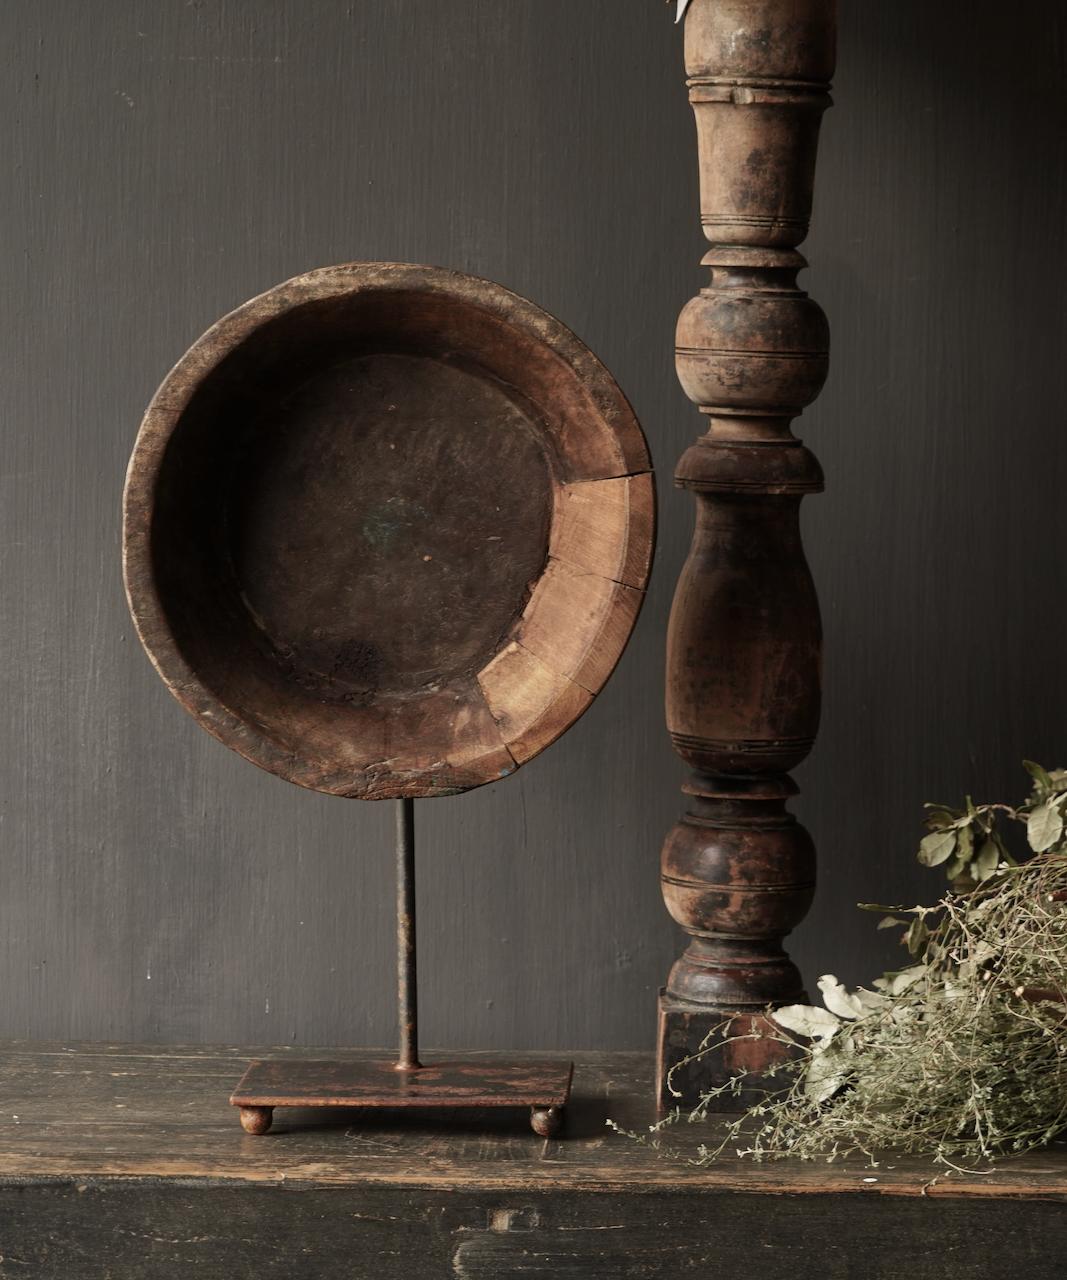 Alte Holzschale auf Eisenboden / Ständer-2